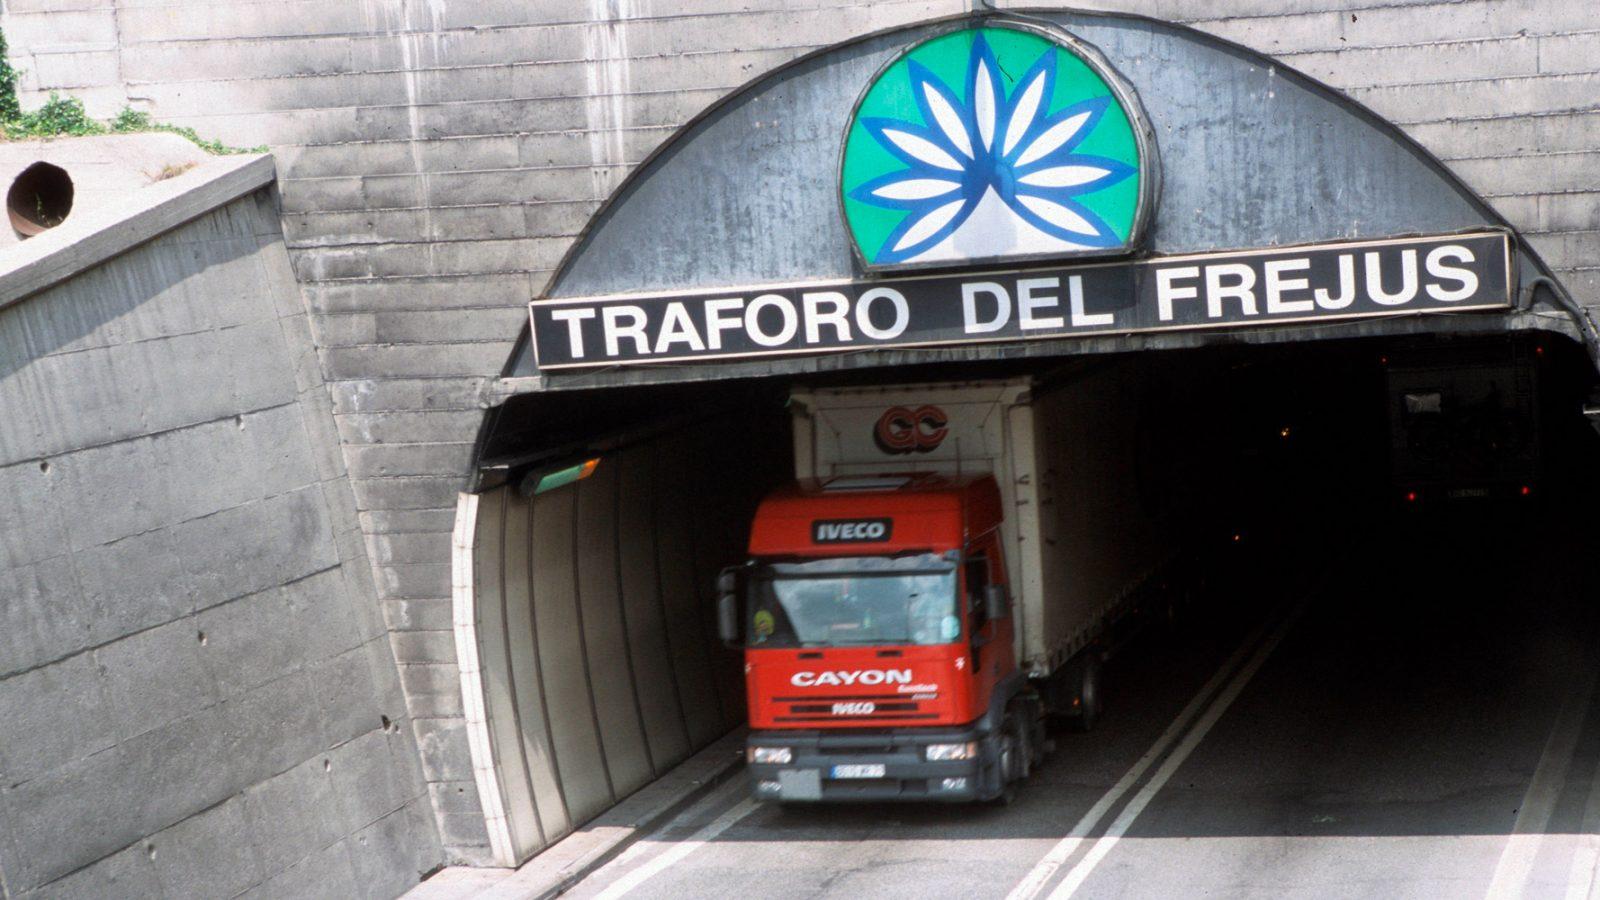 Traforo del Frejus, inaugurato nel 1980 (fonte: Imagoeconomica)